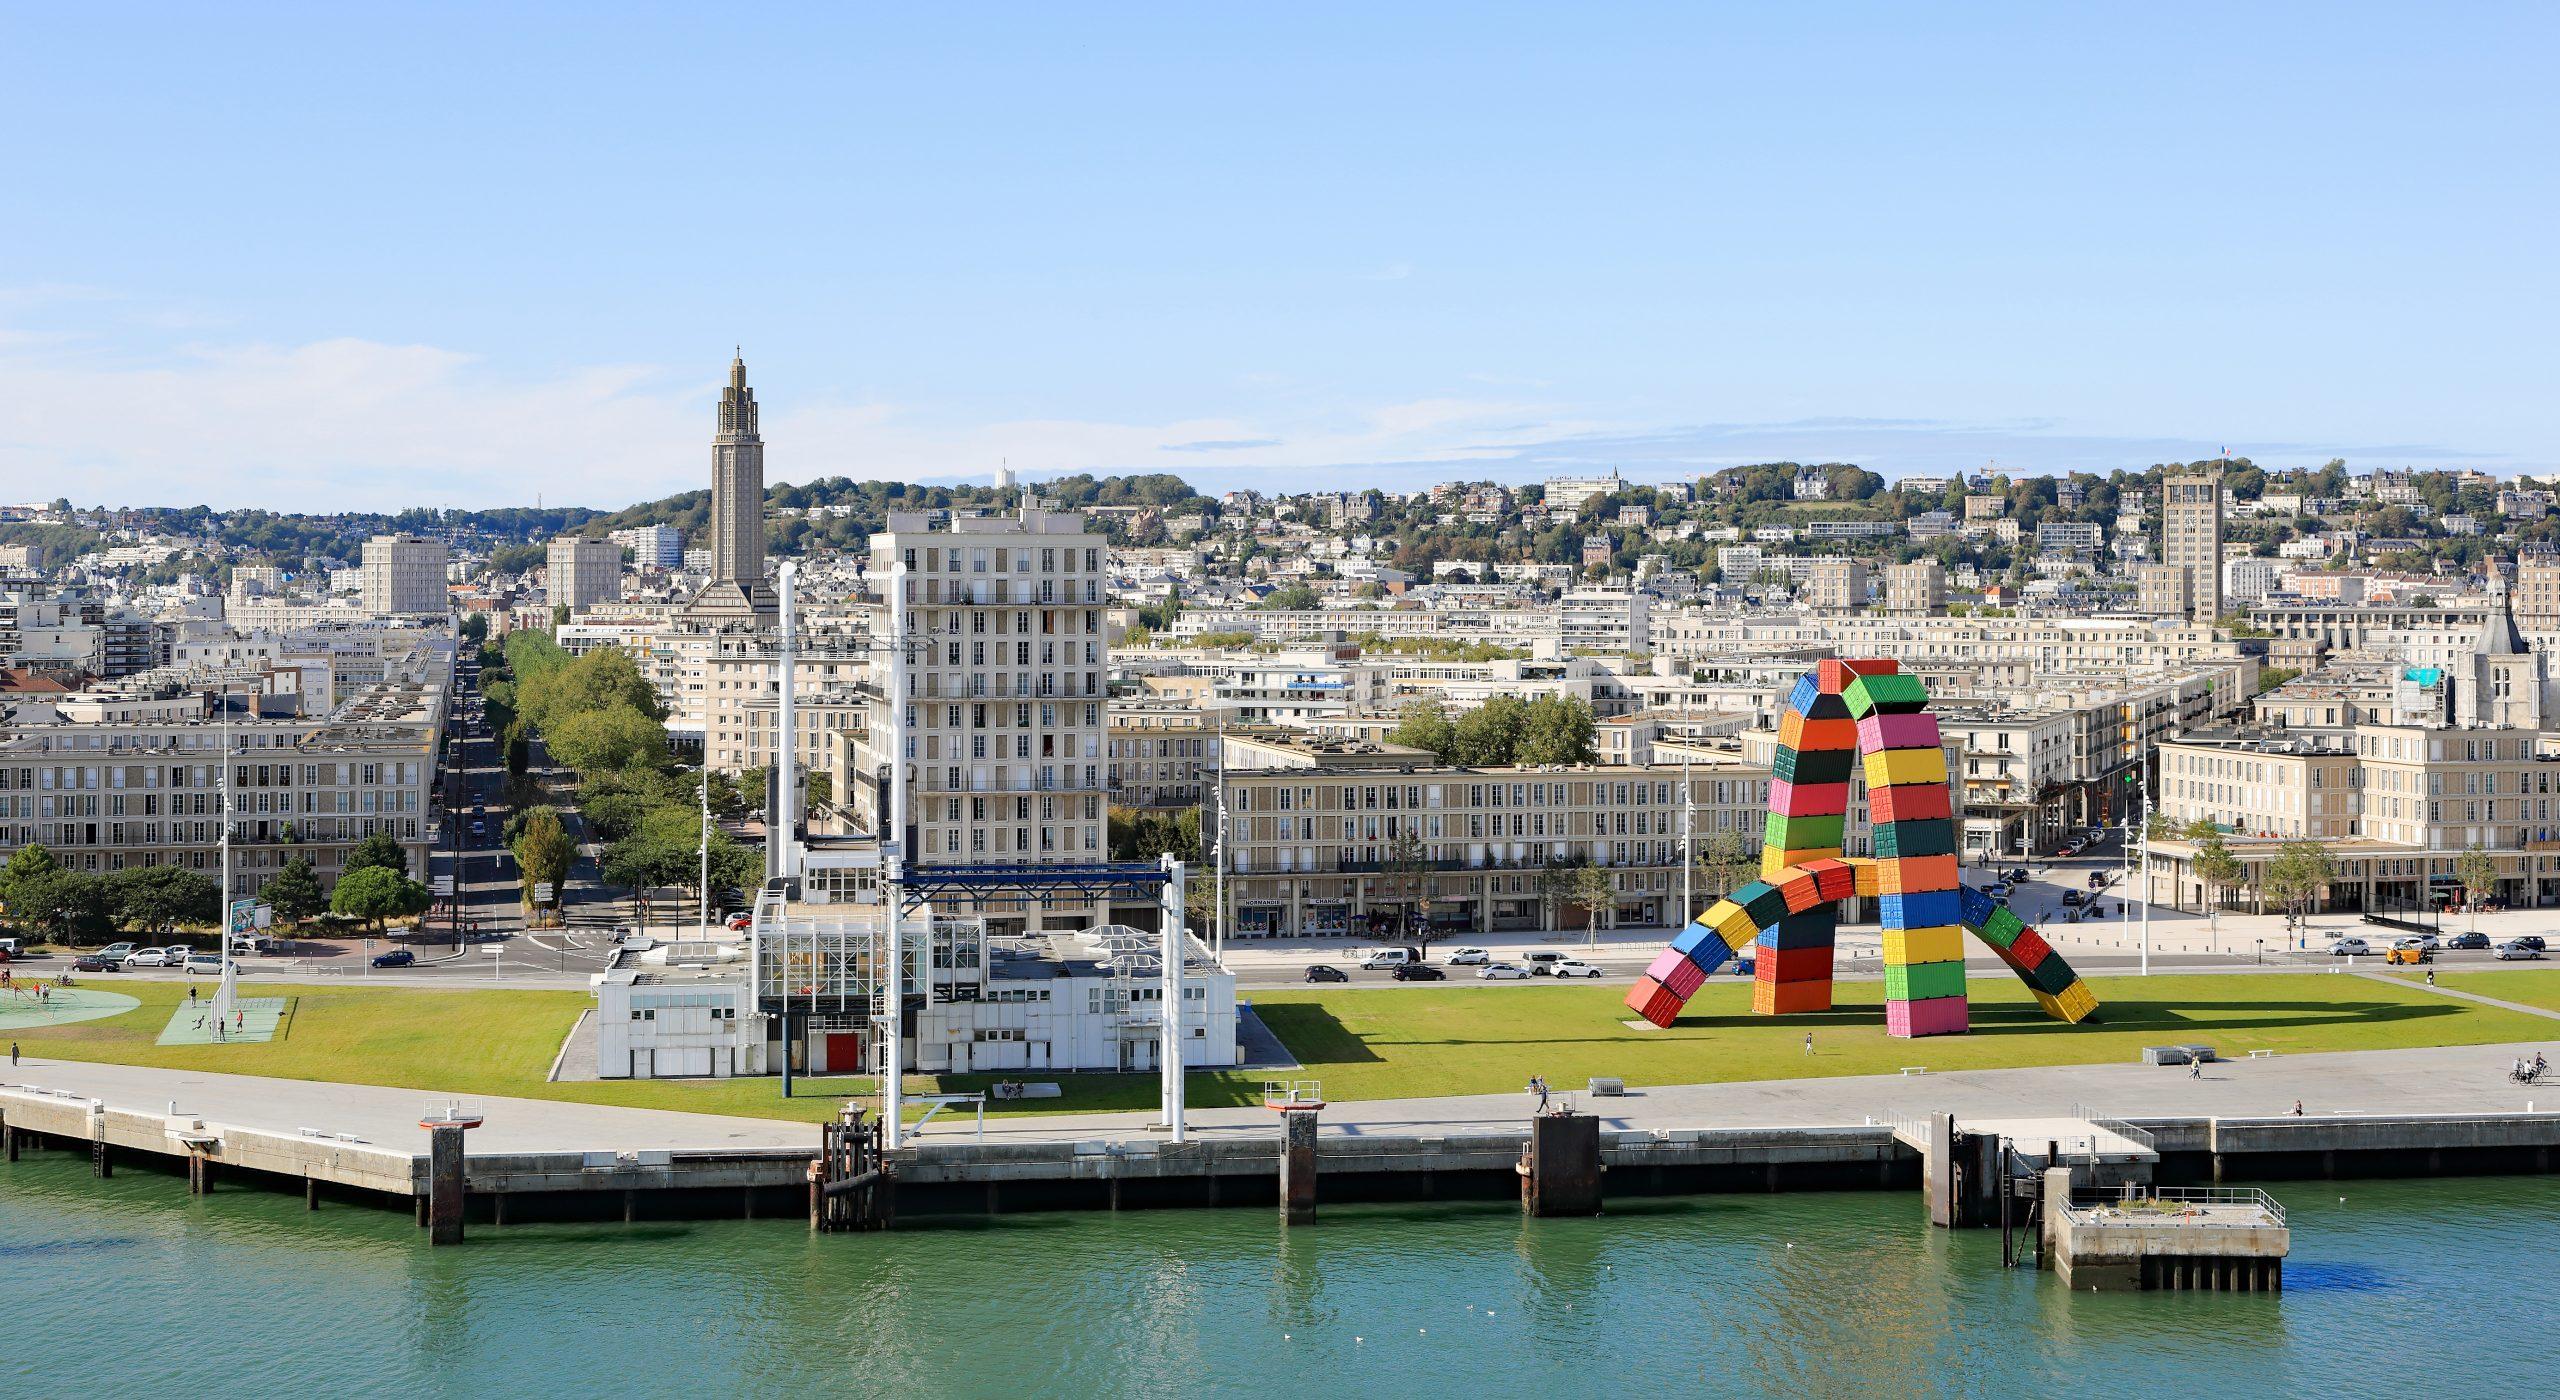 Le Havre - Wikipedia dedans Piscine Criquetot